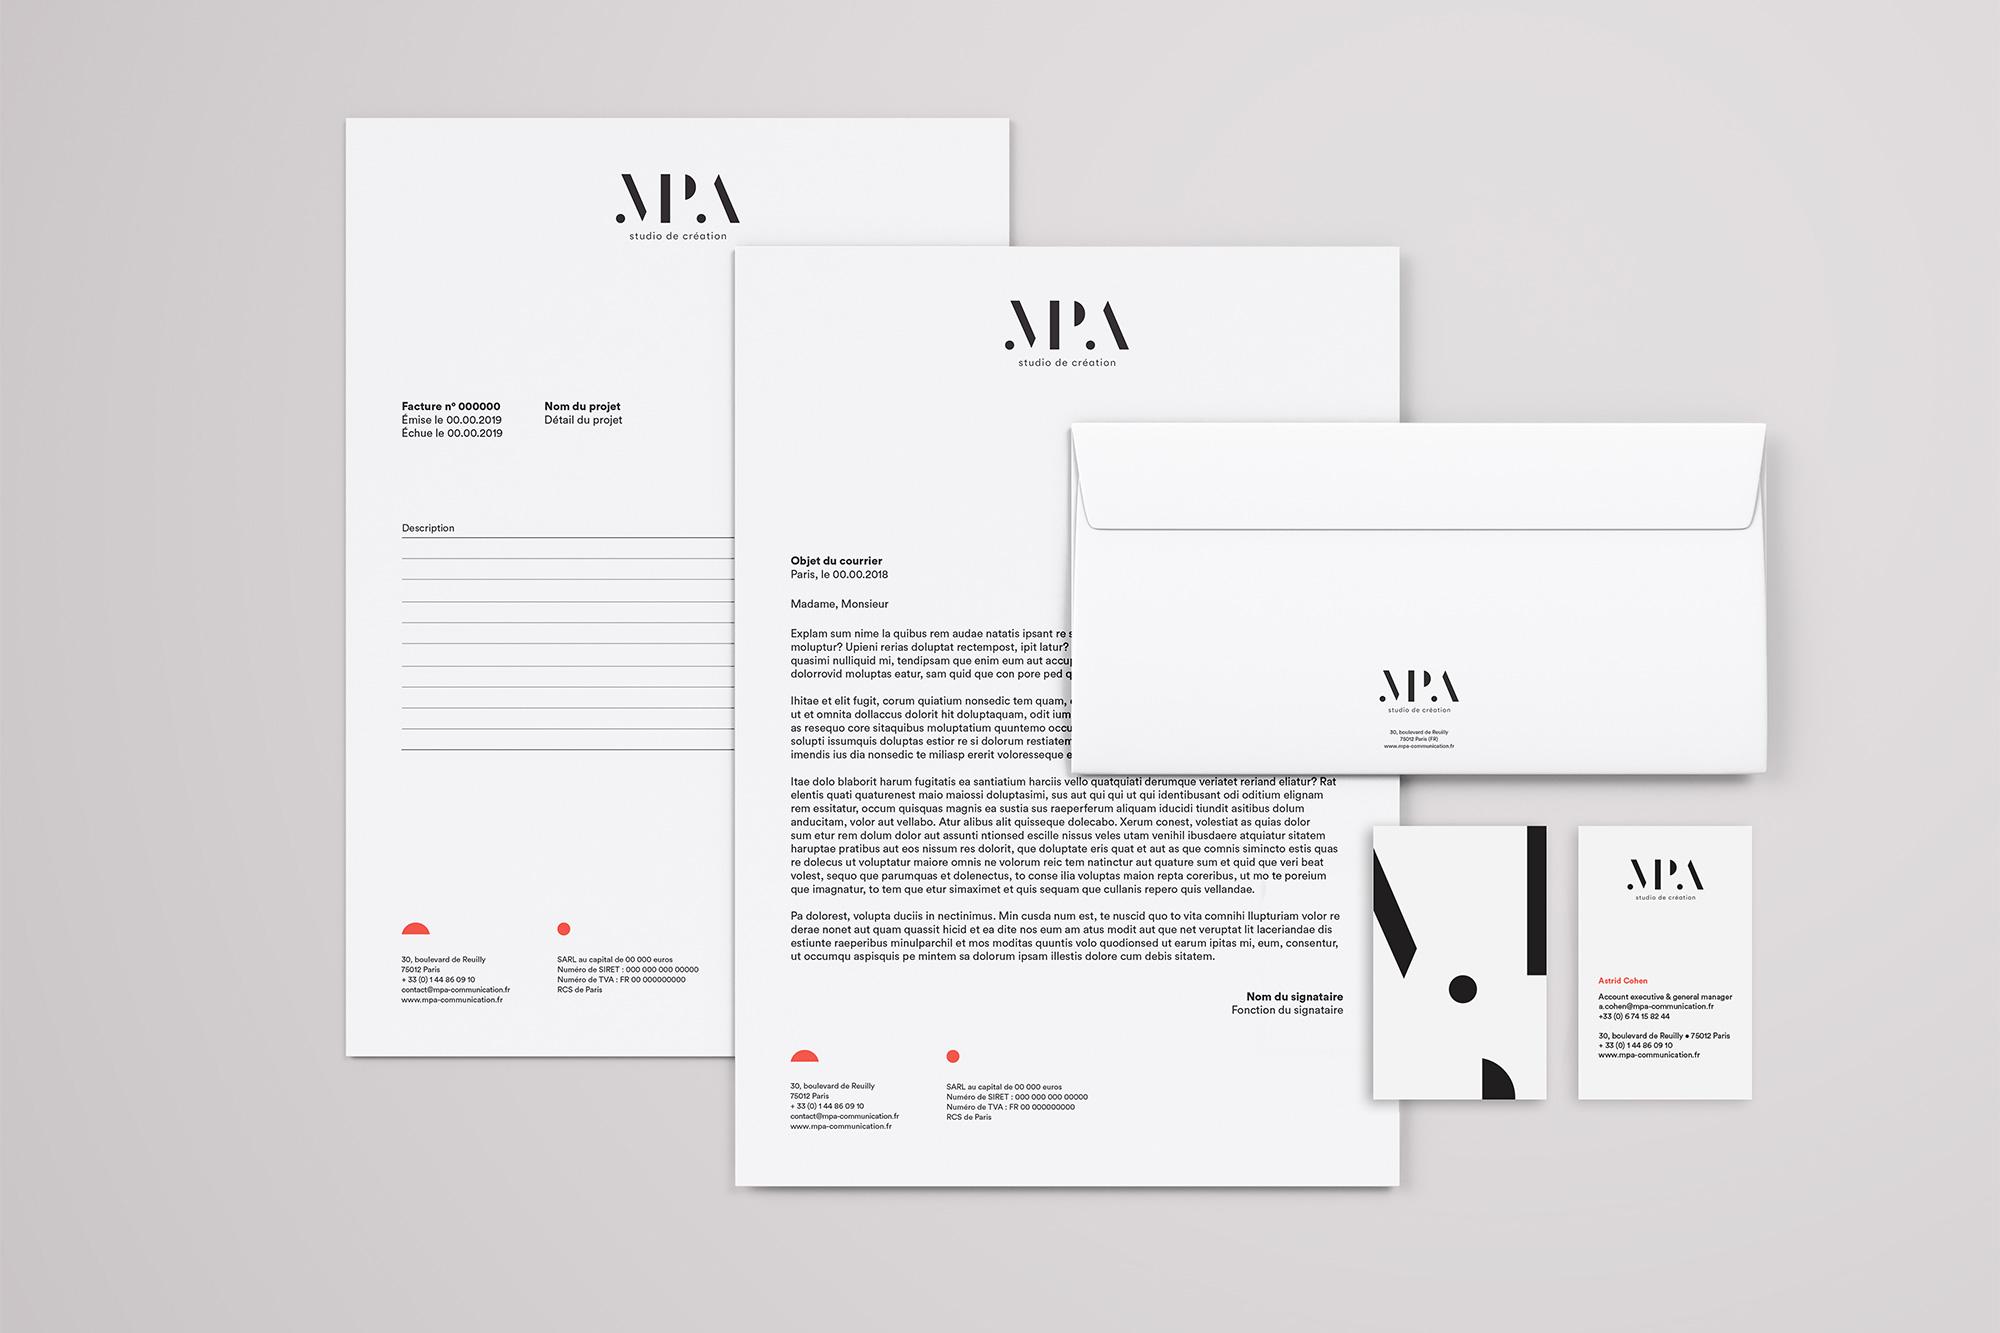 identité visuelle MPA